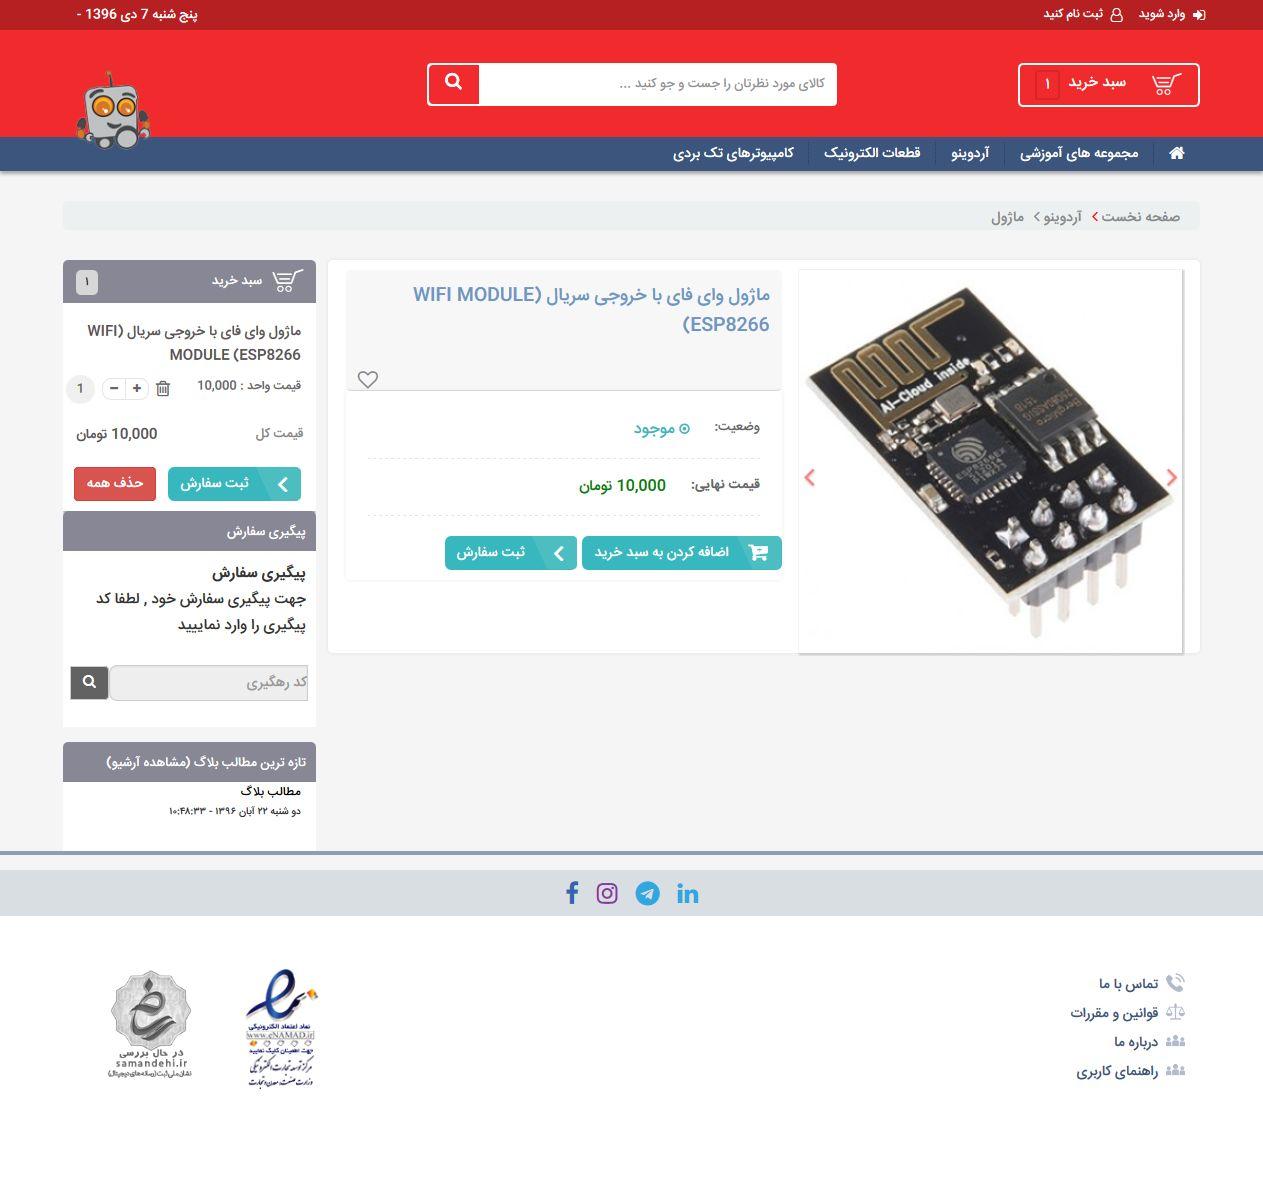 طراحی وب سایت فروشگاهی قطعات سخت افزاری به همراه اپلیکیشن فروشگاهی 0